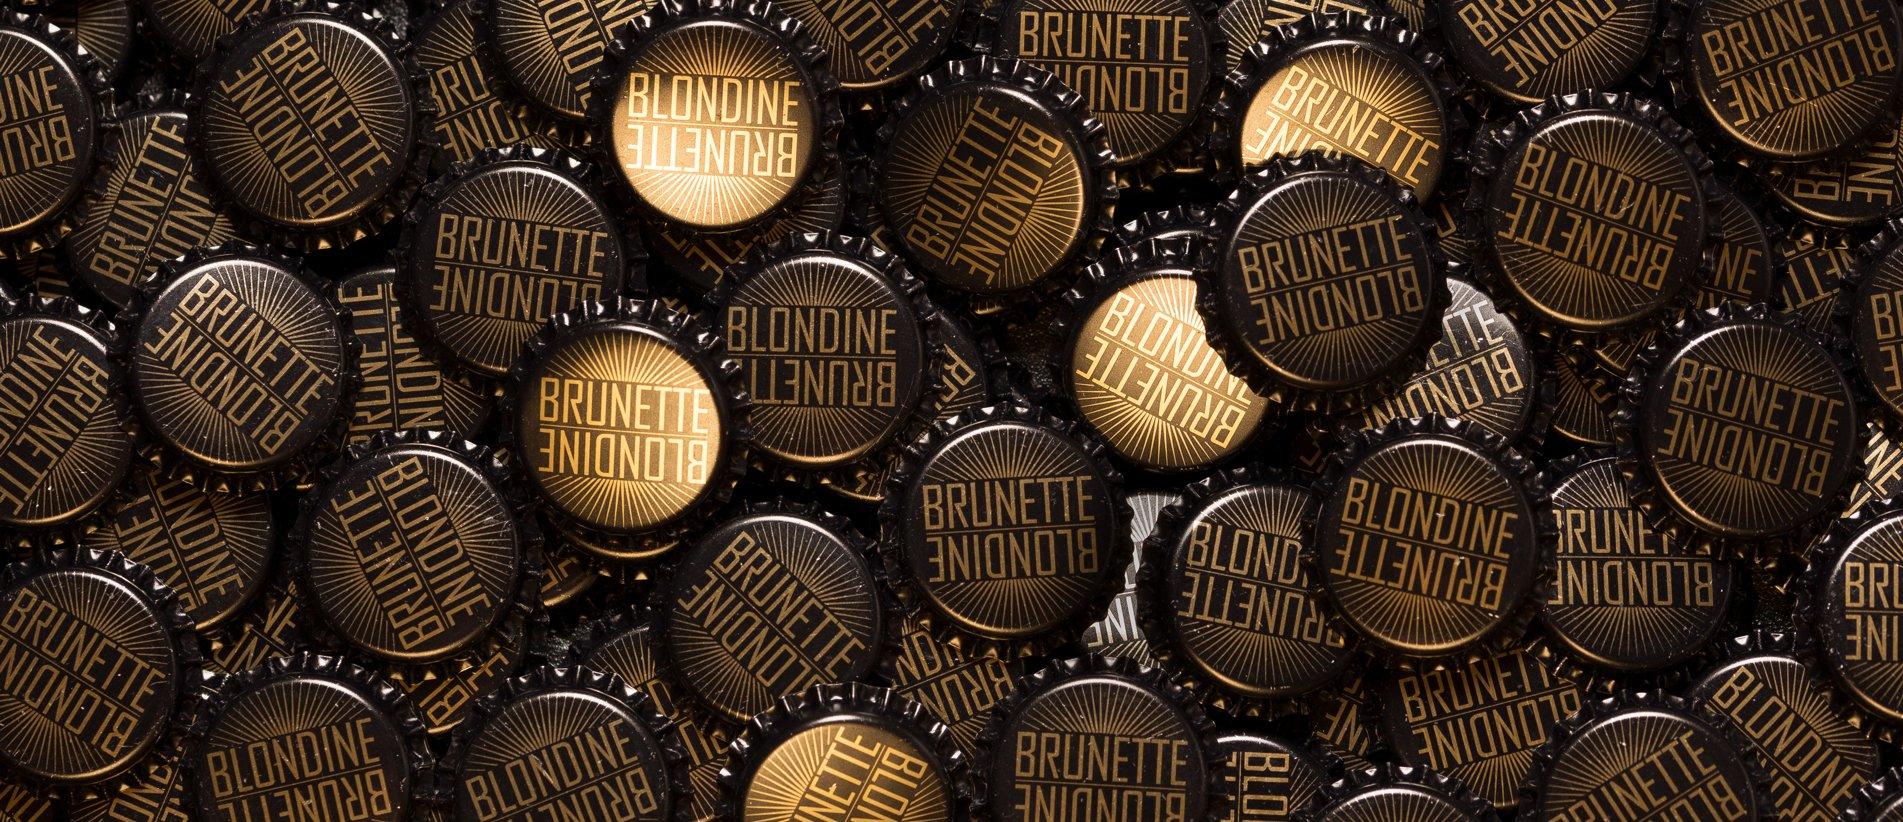 Blondine Brunette aux accents allemands Kronkorken